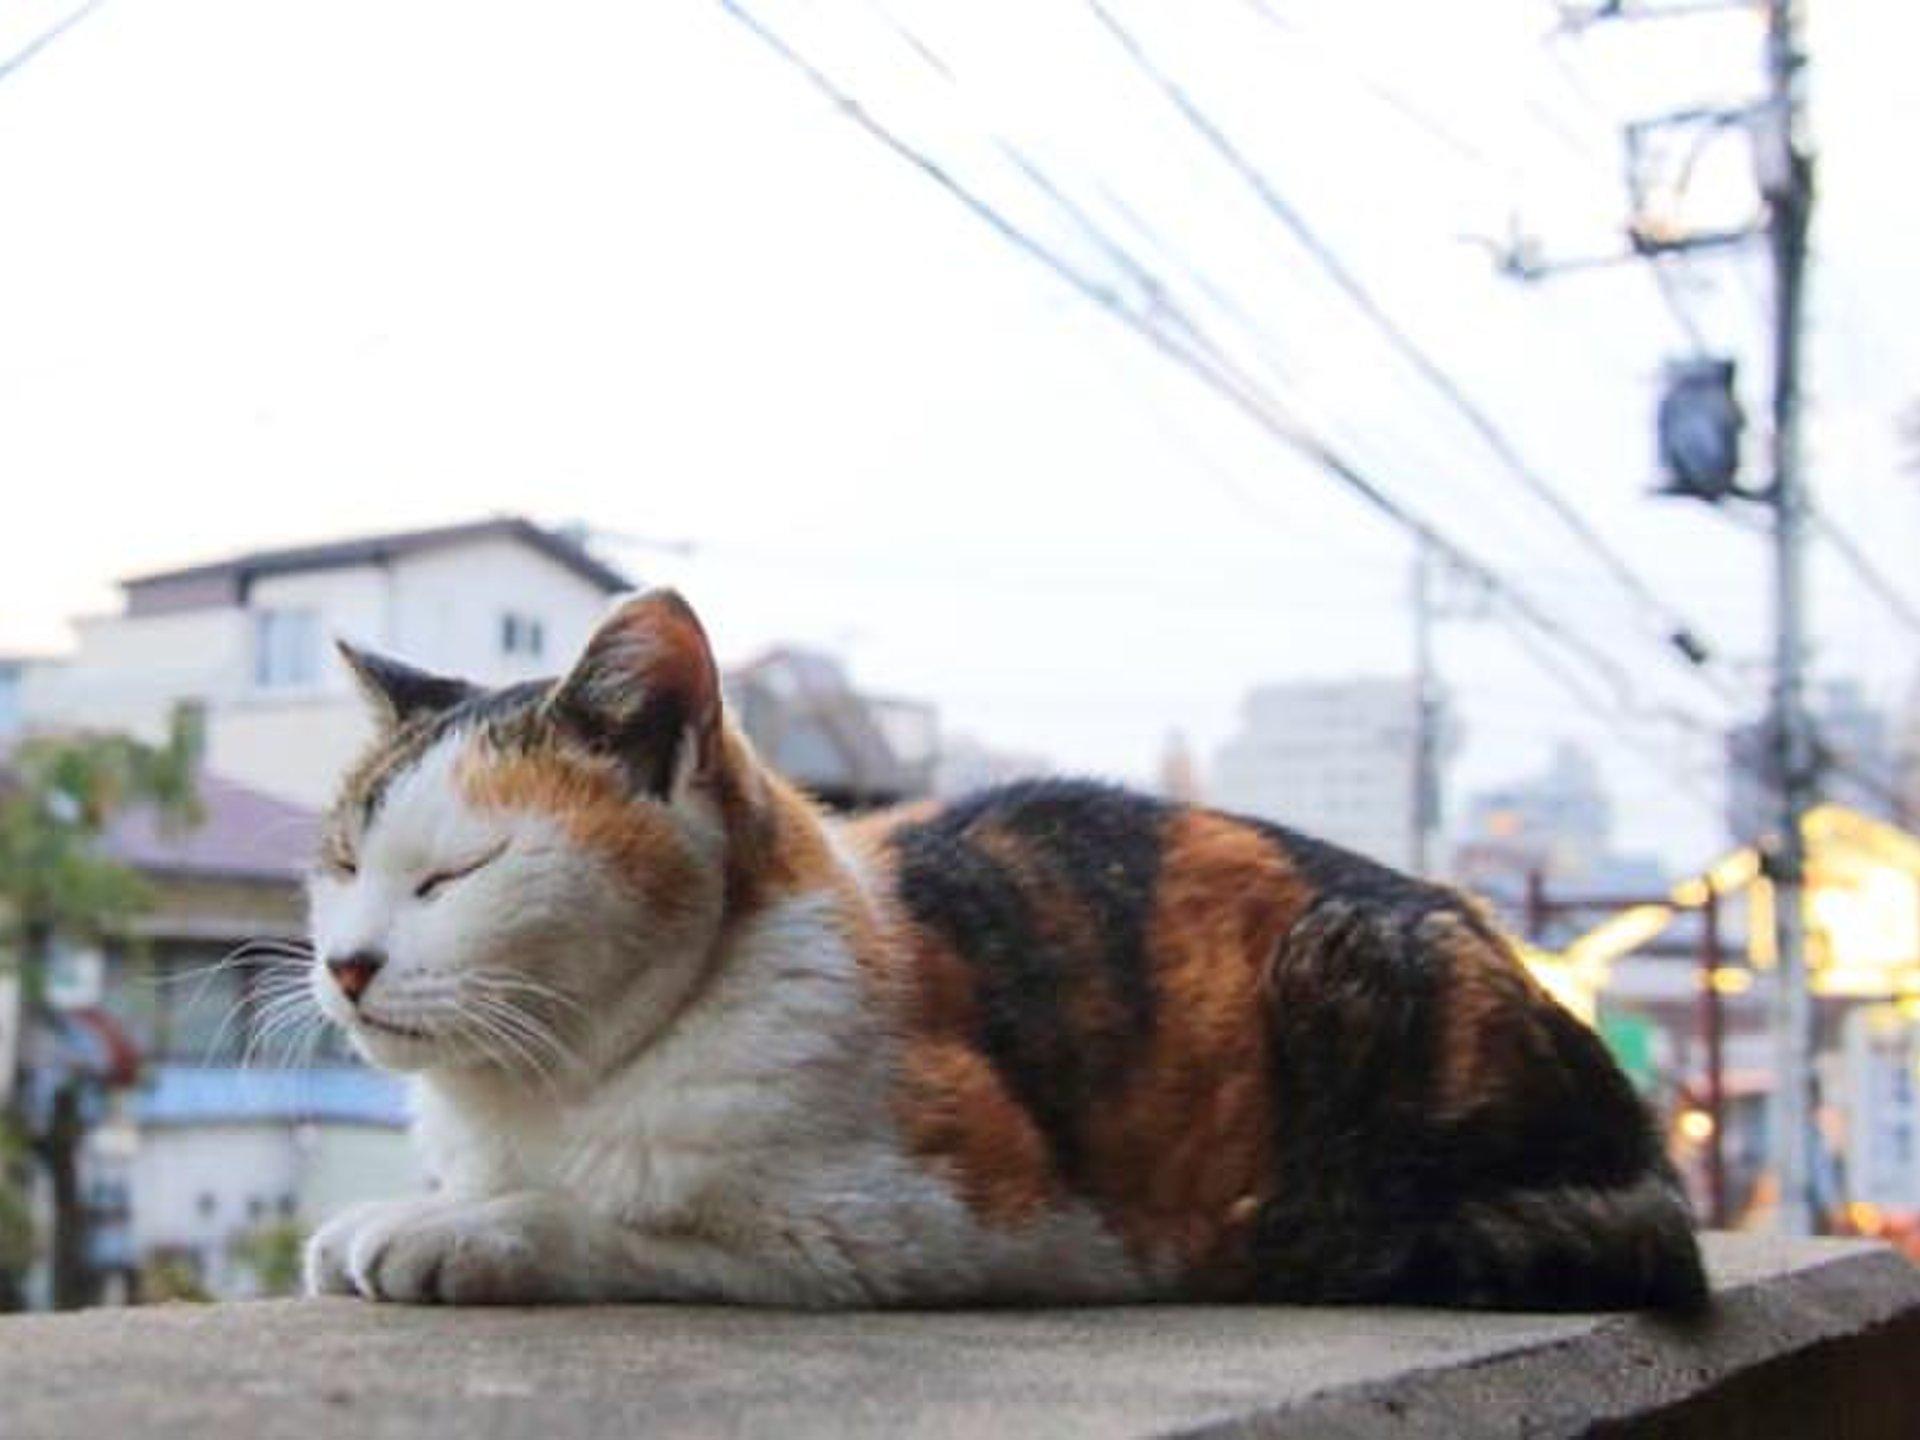 谷中銀座 猫の街をお散歩&グルメする、ほっこりデート!【フロランタン専門、イナムラショウゾウ】